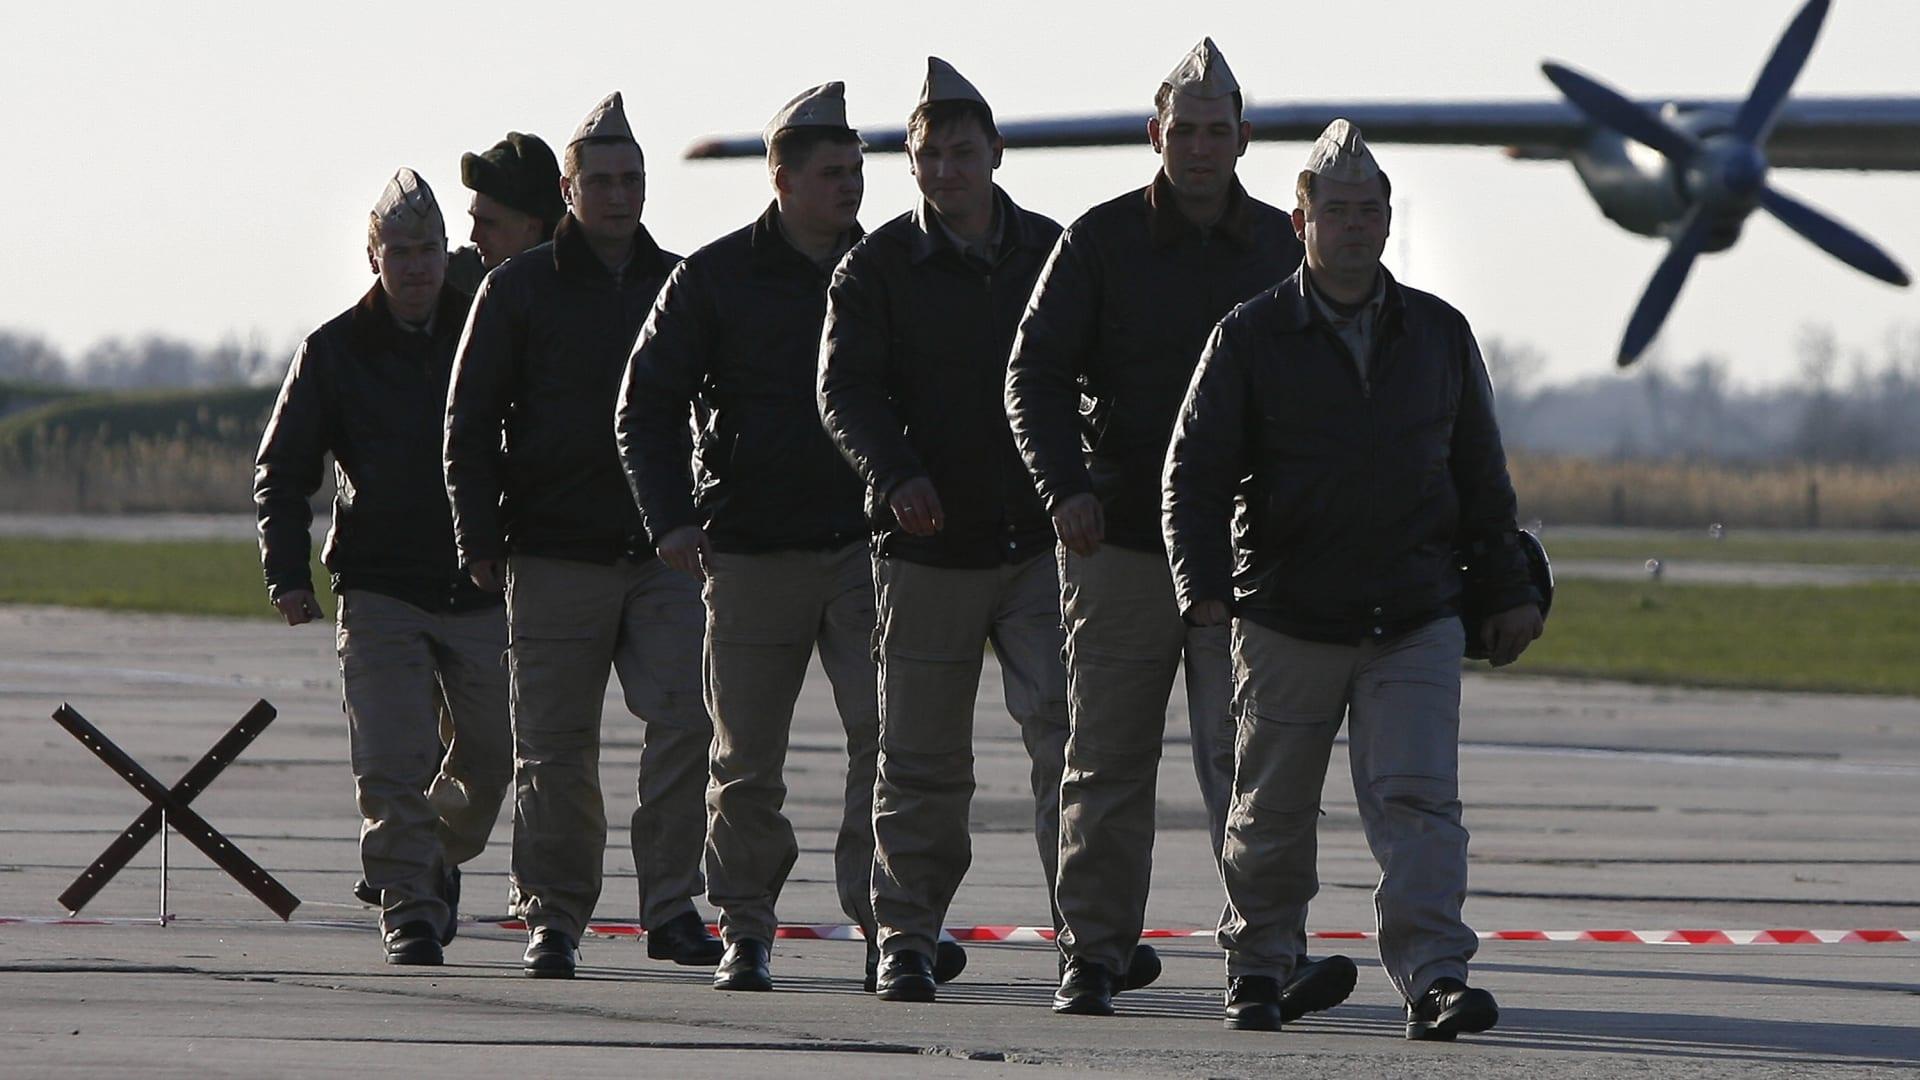 سبوتنيك: الدفاعات الجوية الروسية تسقط أهدافا مجهولة فوق قاعدة حميميم